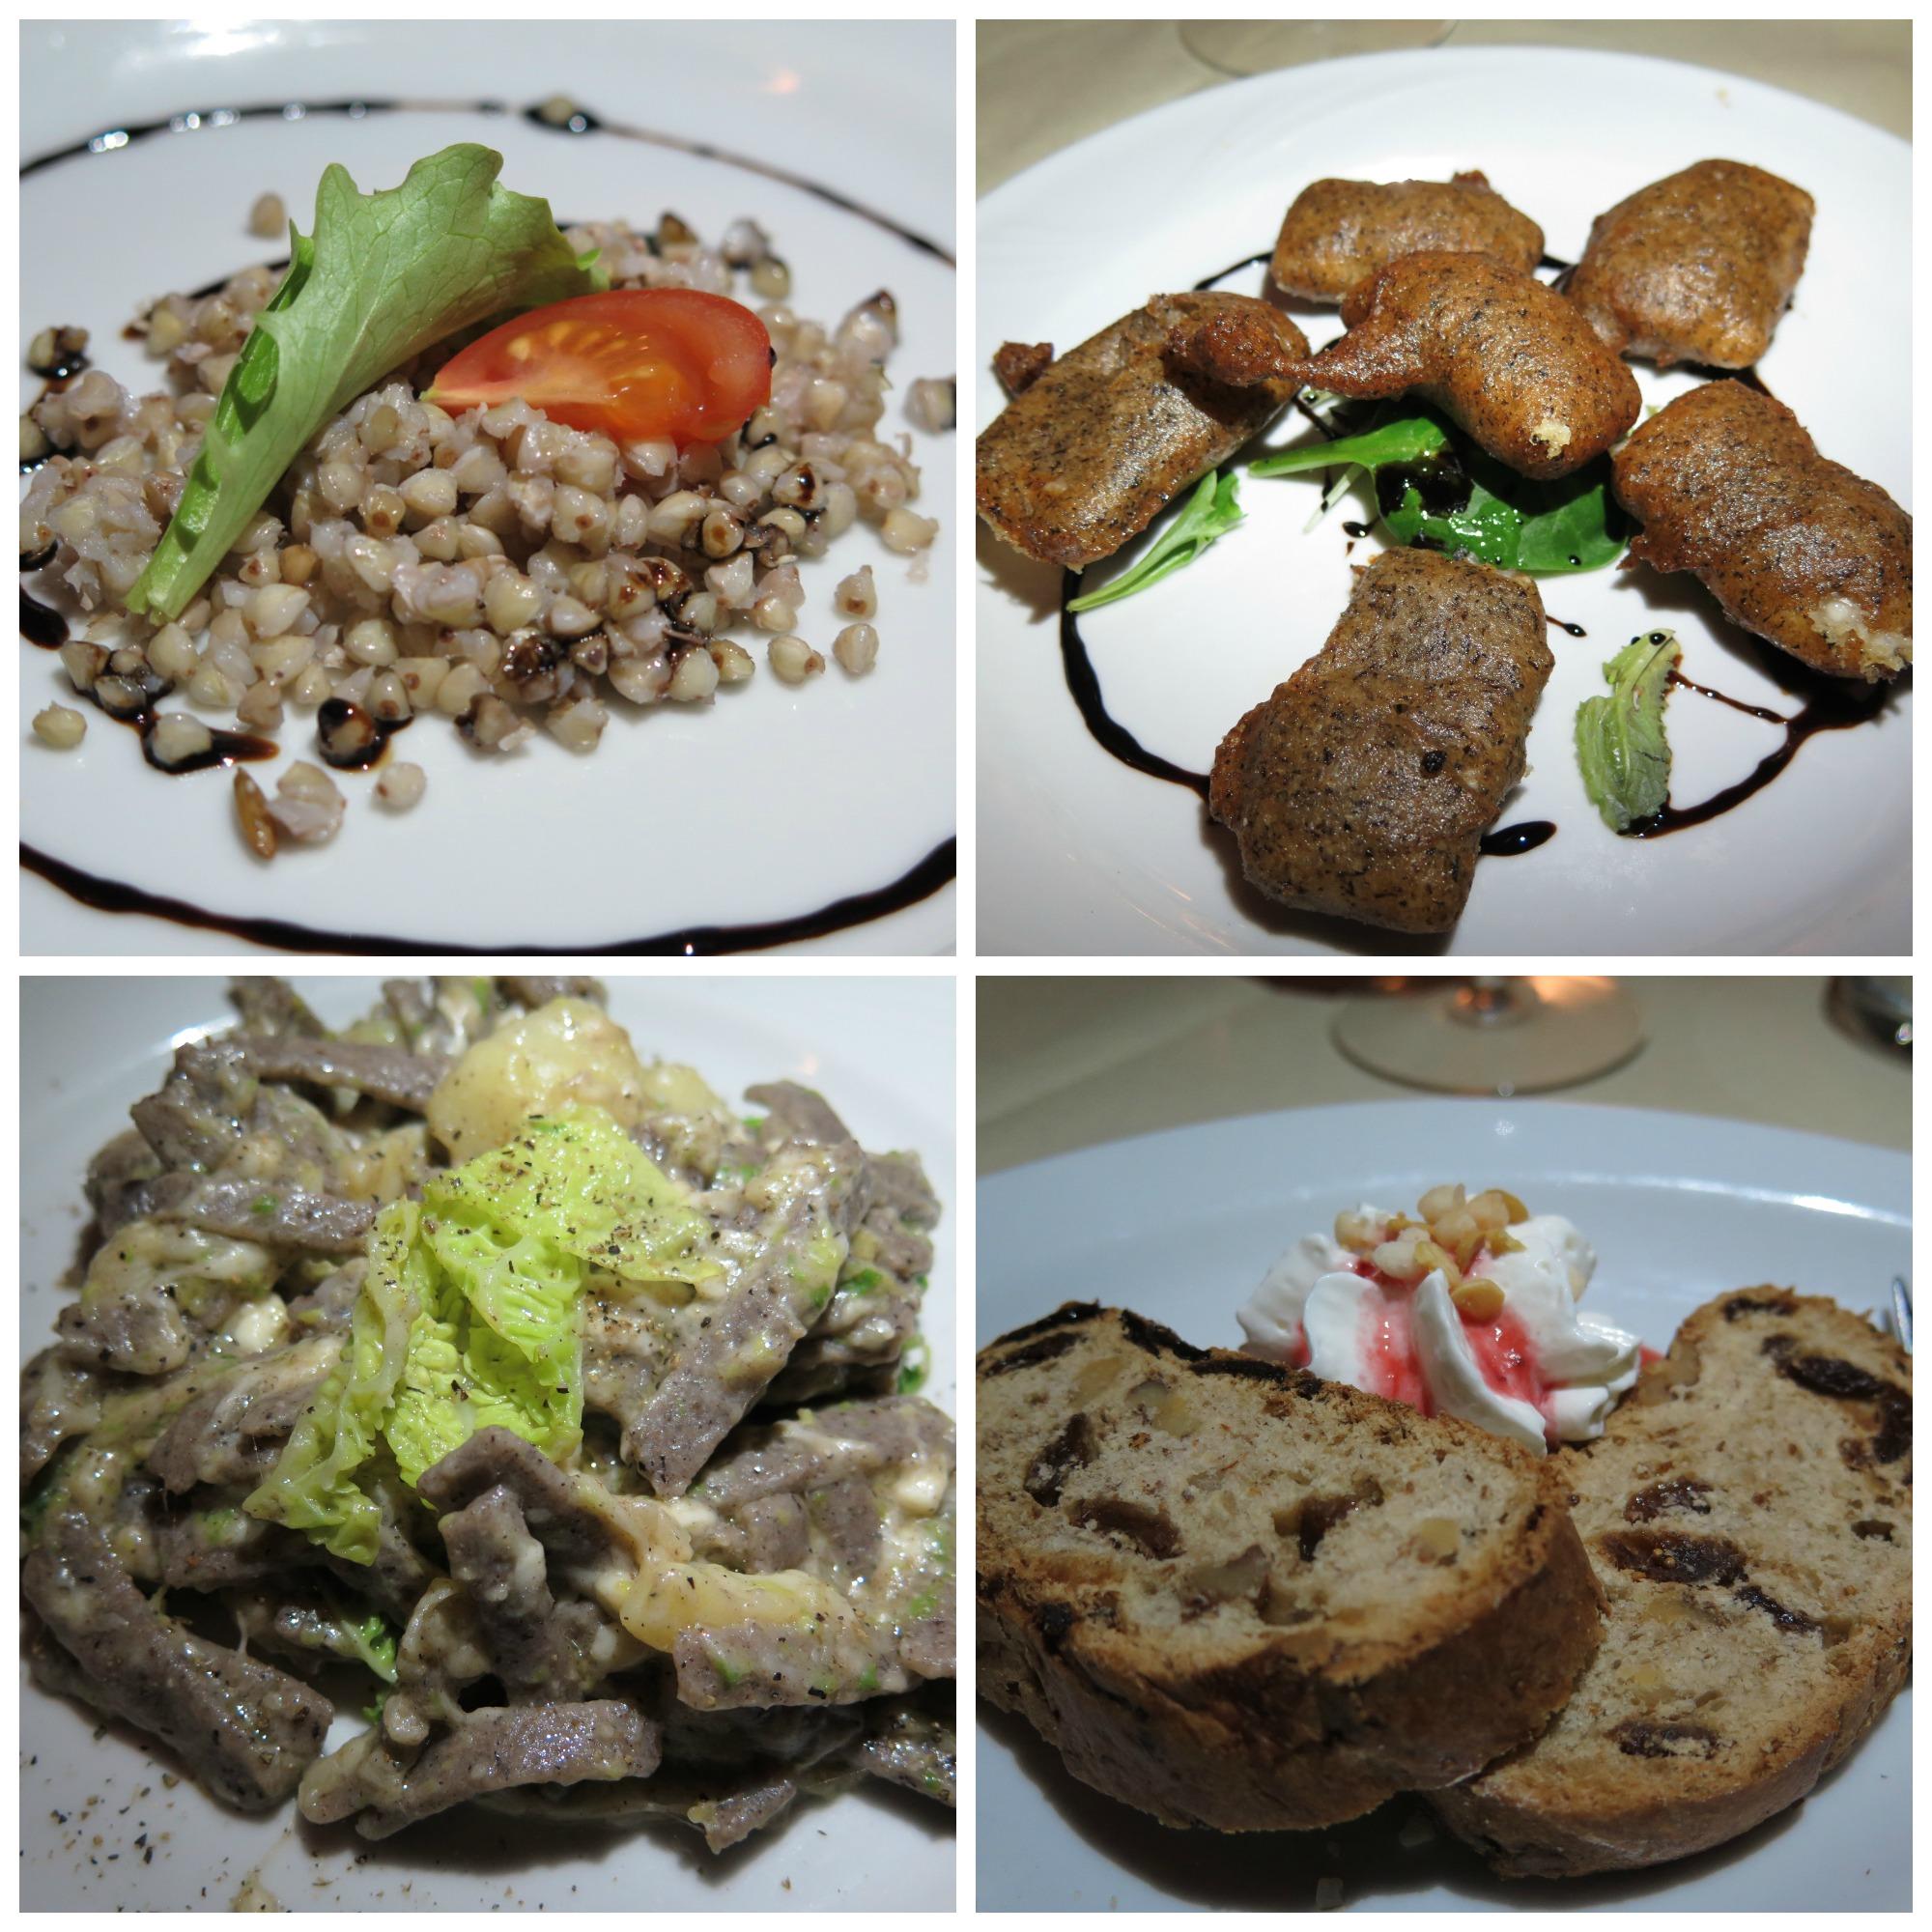 La gastronomia di tirano i ristoranti migliori dove for Piatti ristorante